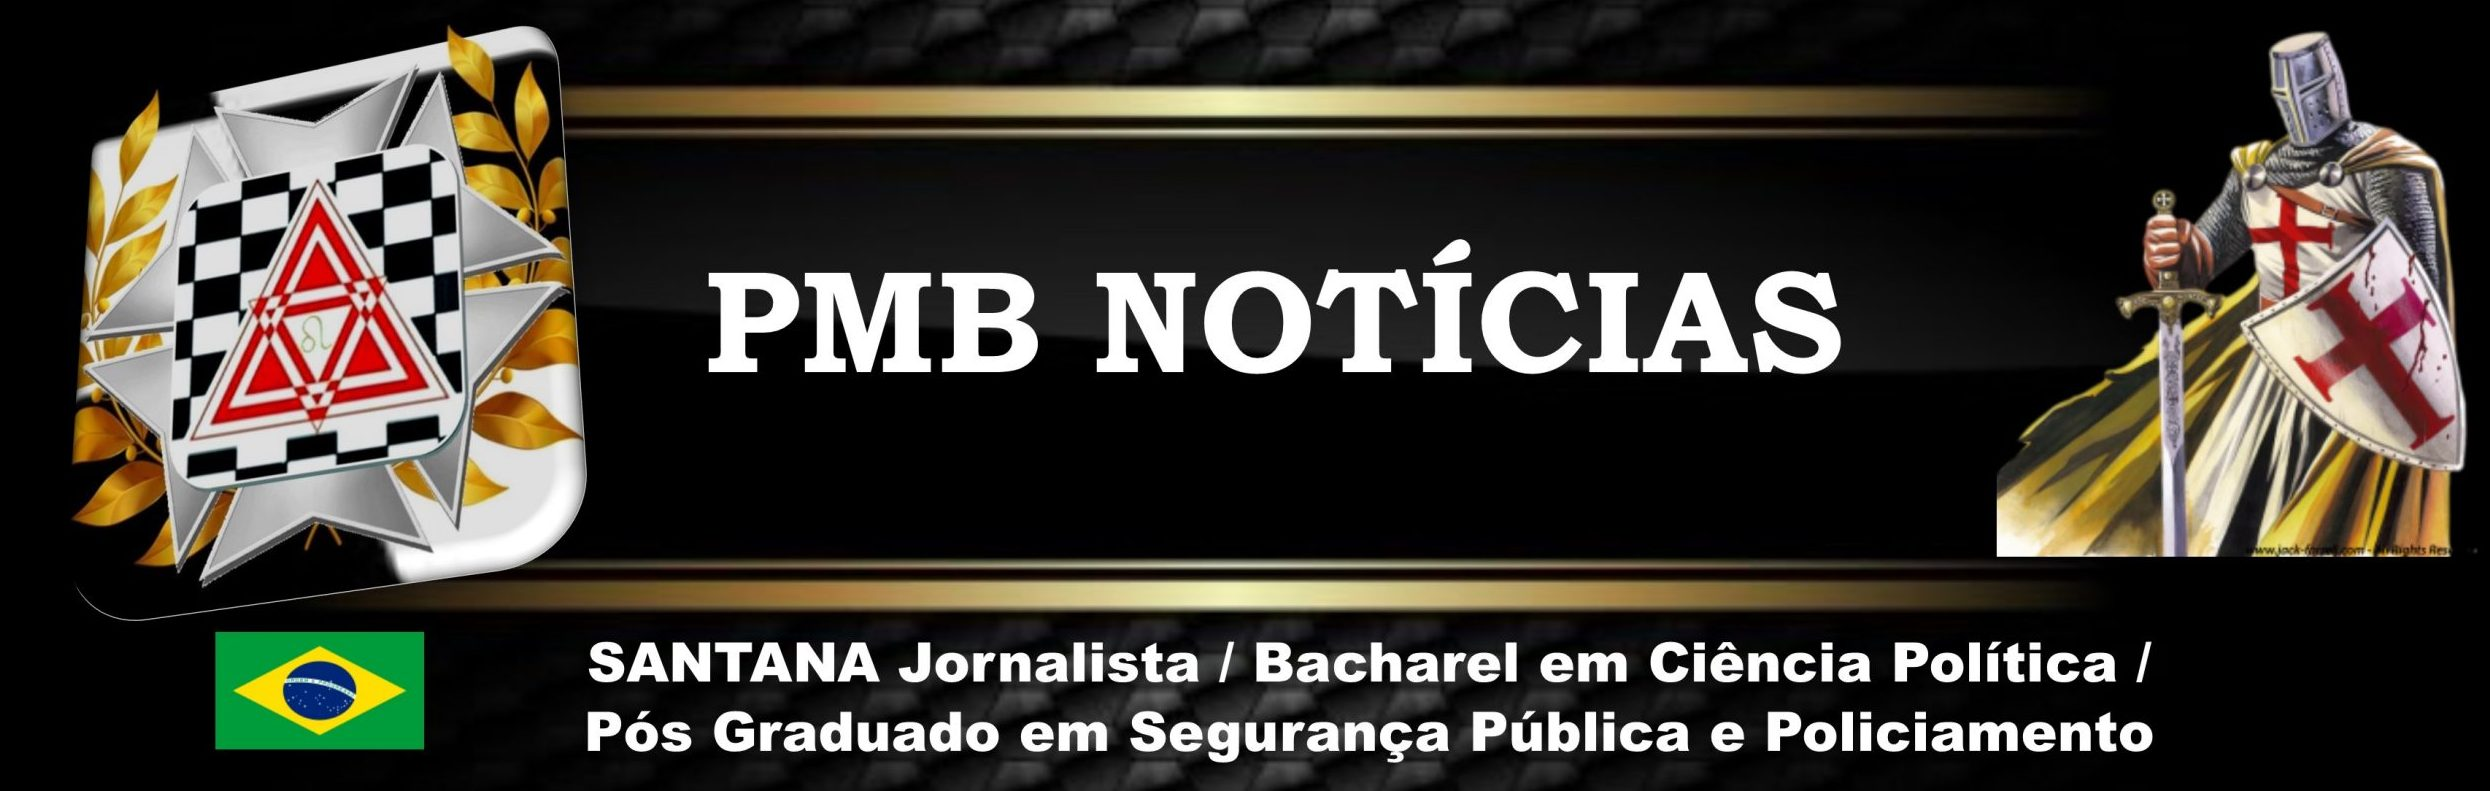 PMB Notícias